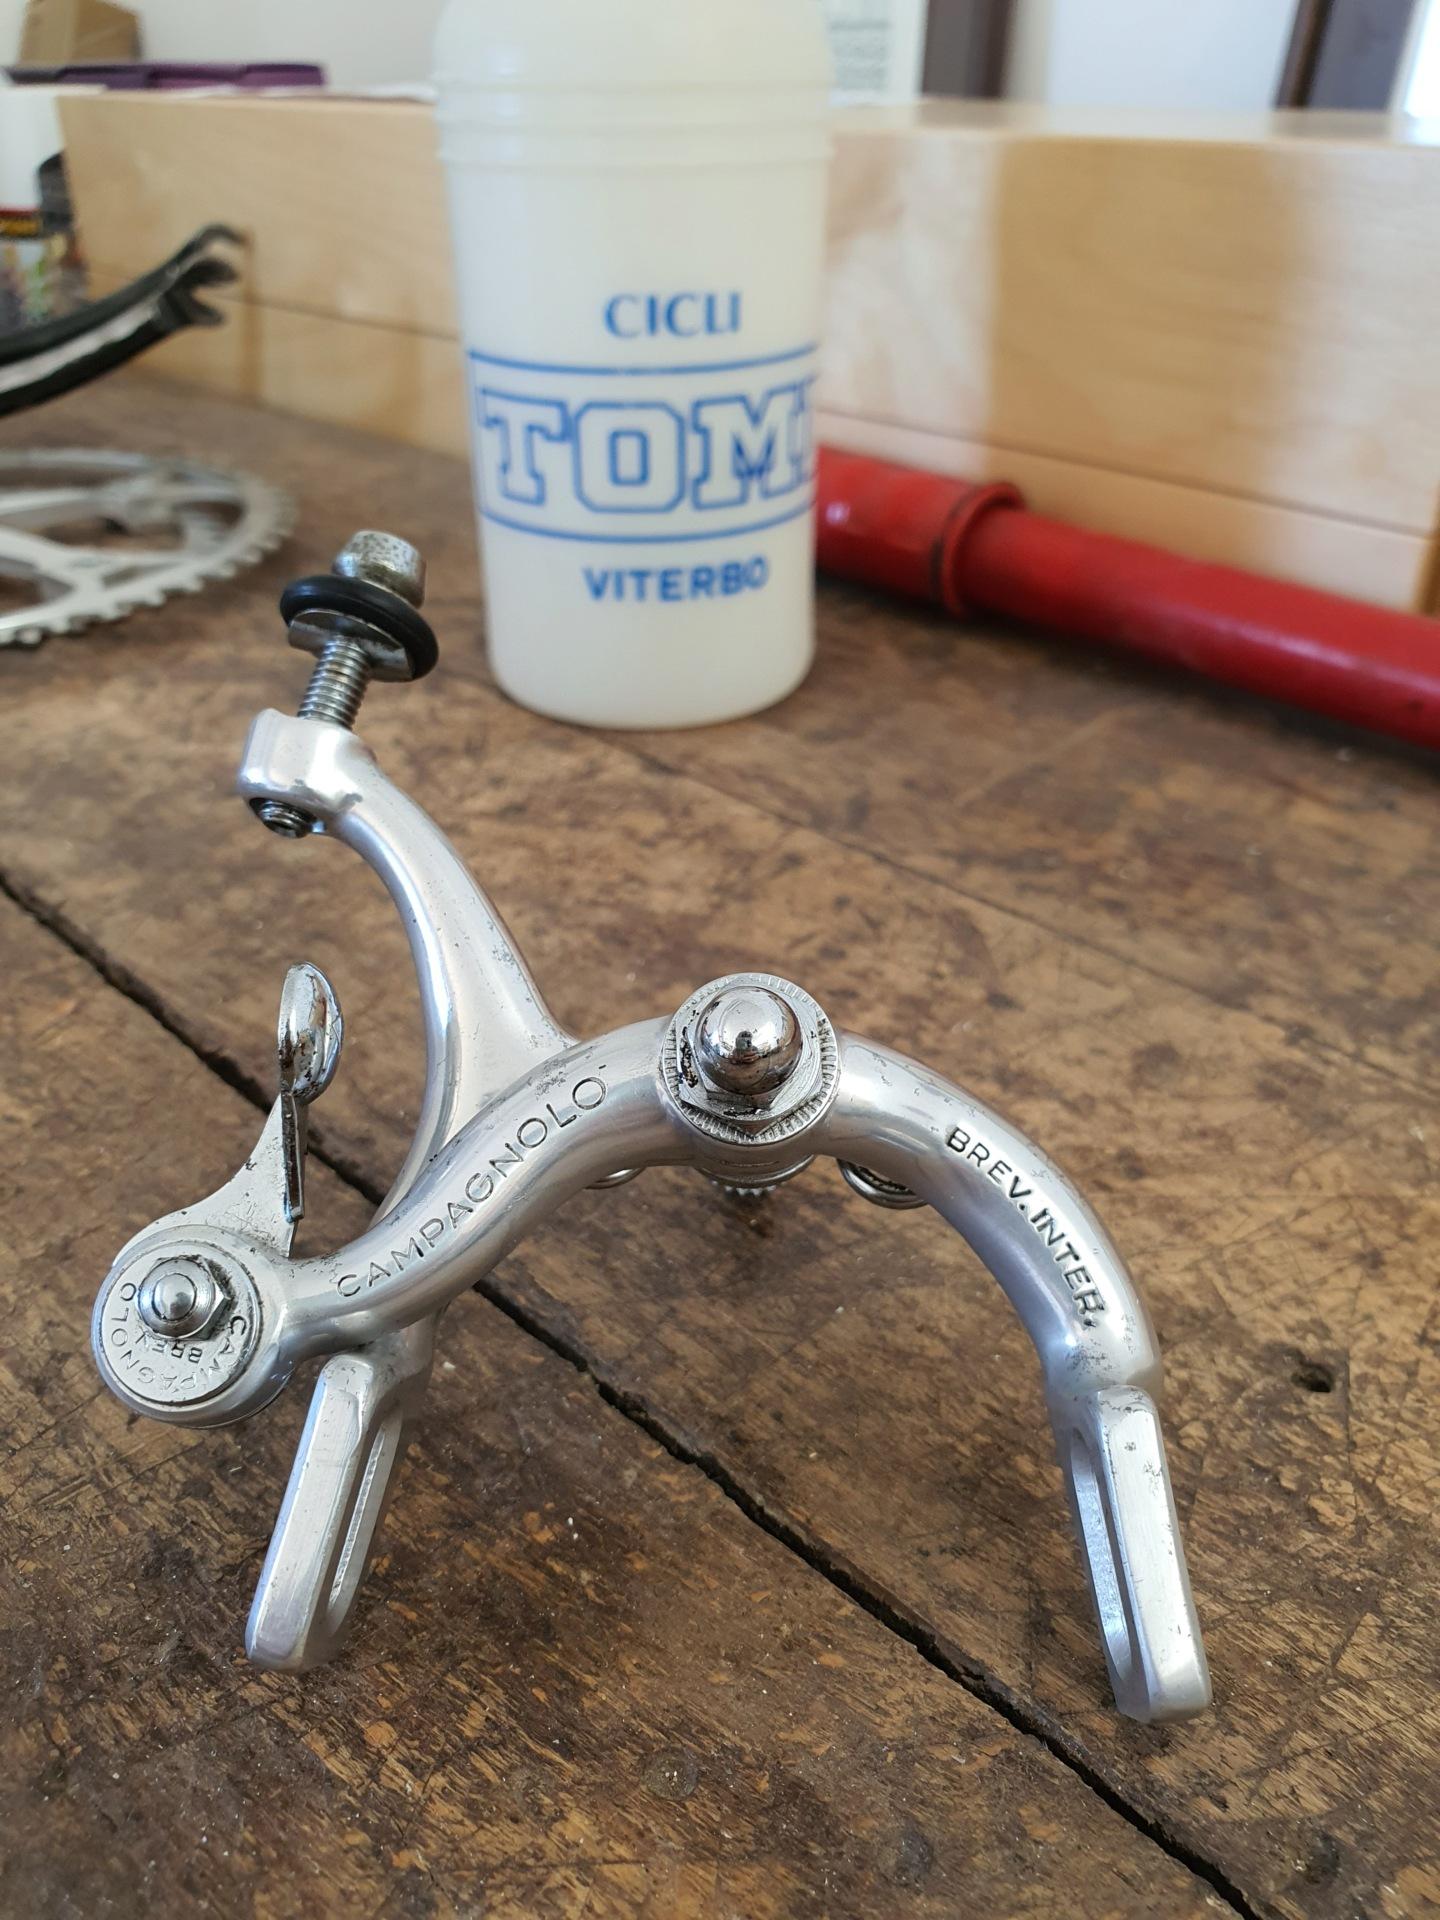 Restauration vélo TOMI 1977 (peut être). Cadre - peinture ou pas? 20211022